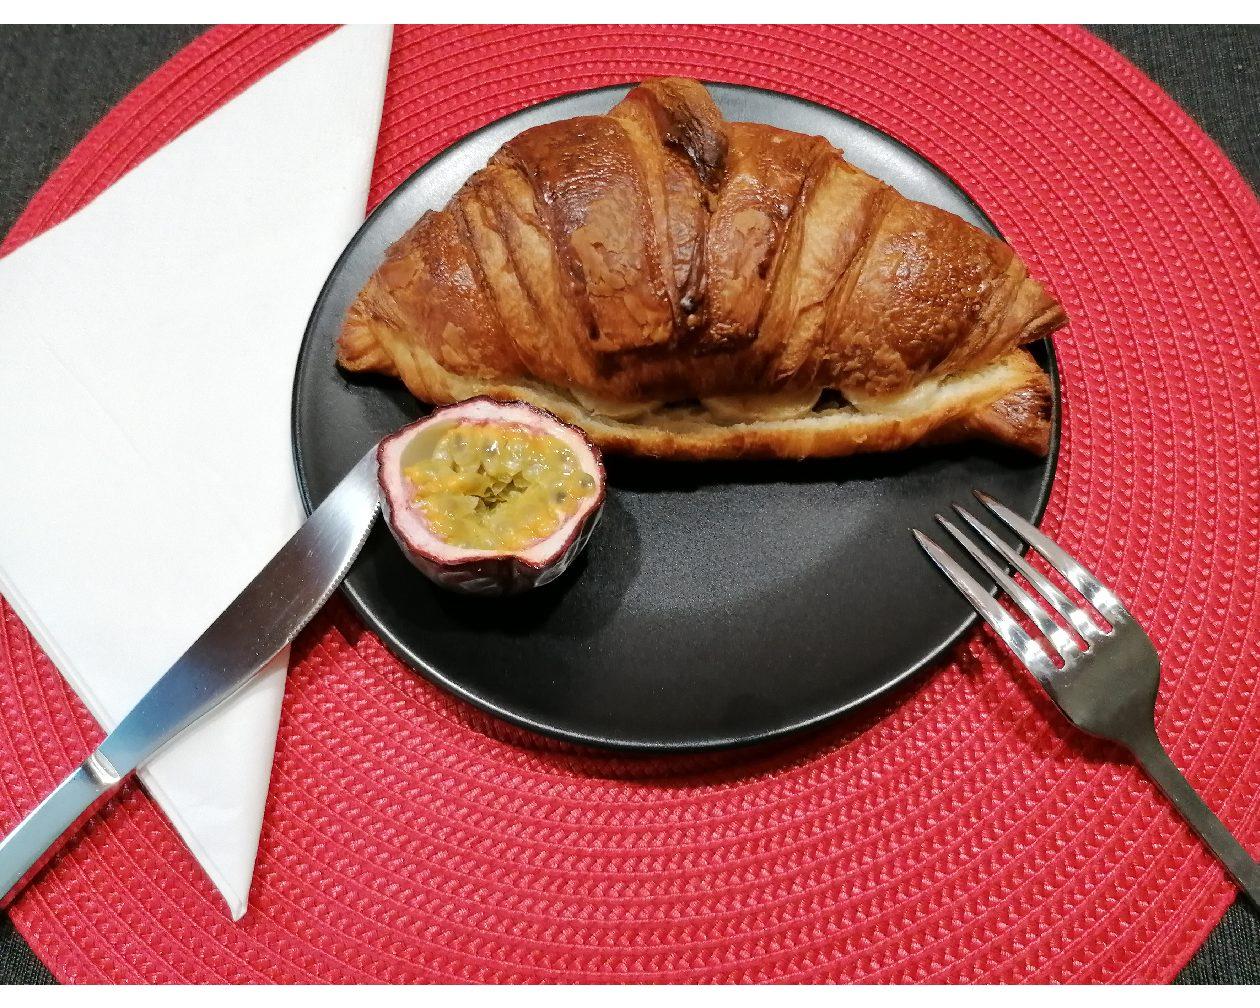 Le croissant gourmand, une recette de la Maison du pain d'Alsace